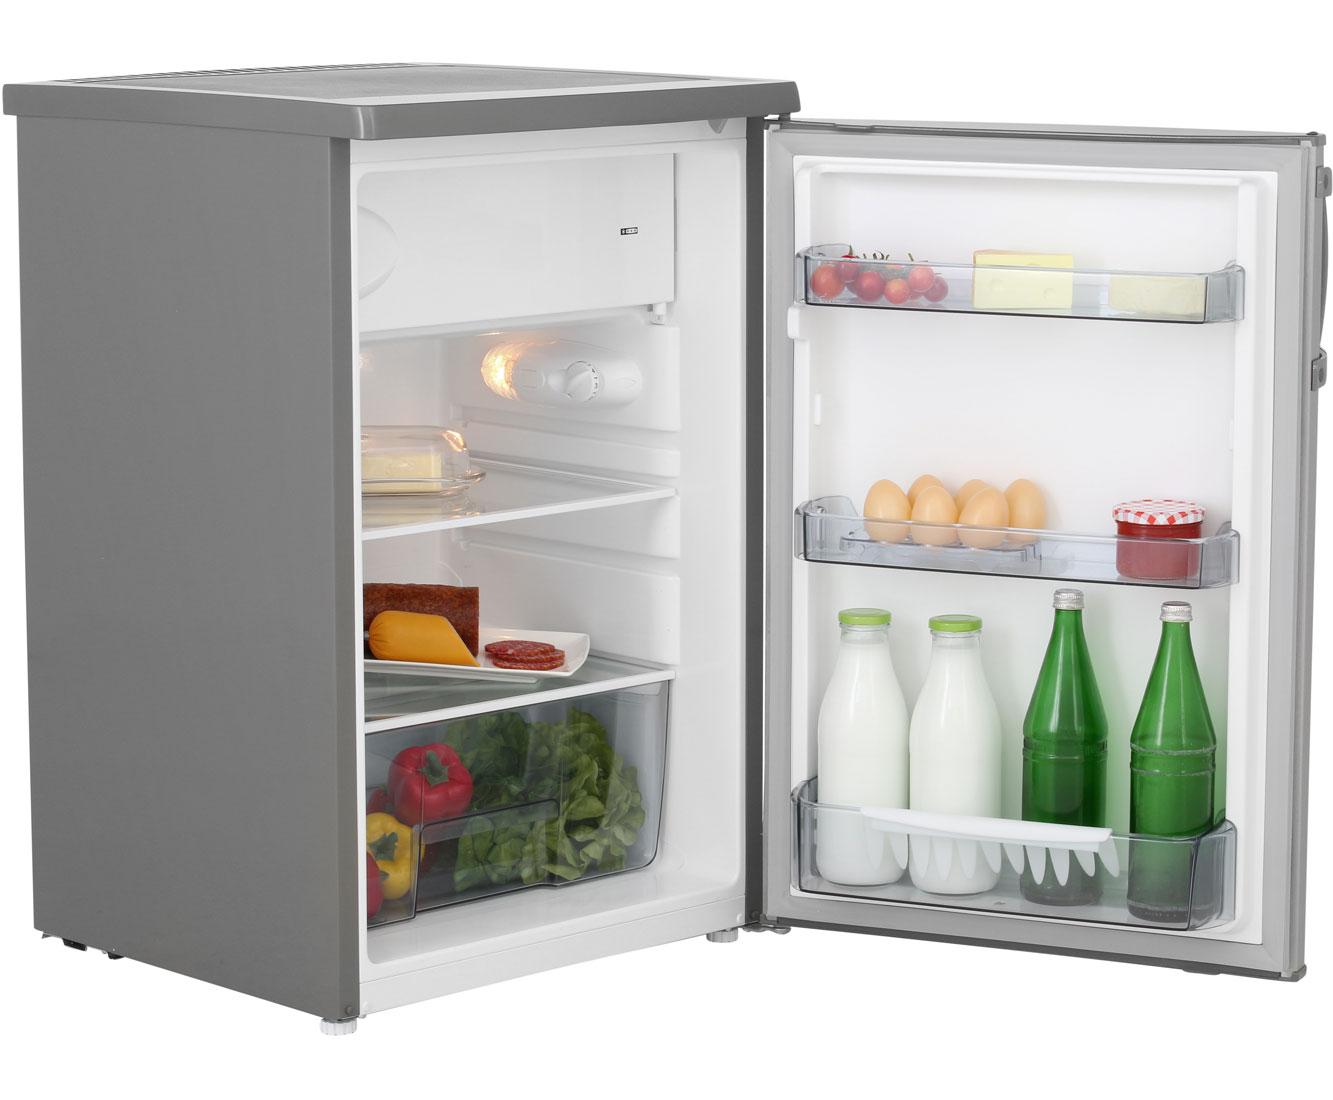 Outdoorküche Mit Kühlschrank Blau : Maße kühlschrank freistehend weinkühlschrank flaschen zwei